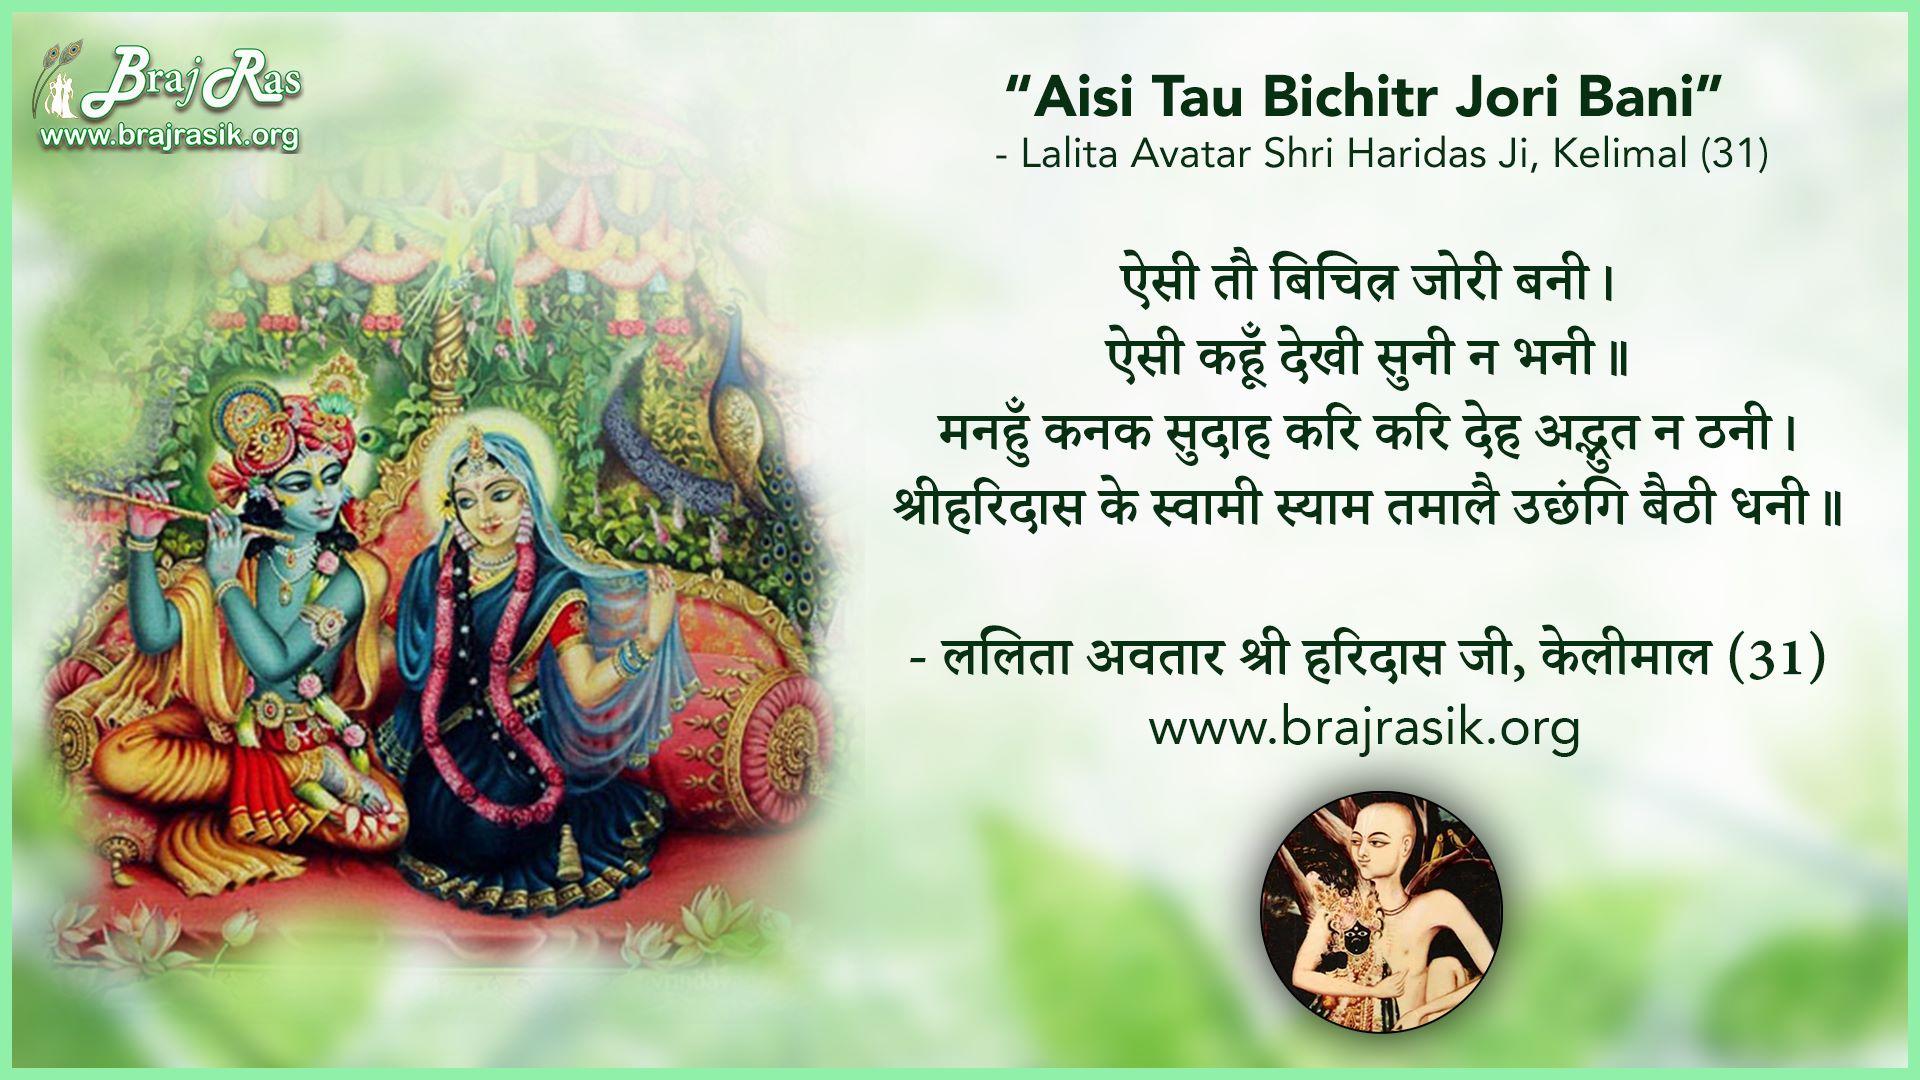 Aisi Tau Bichitr Jori Bani - Lalita Avatar Shri Haridas Ji, Kelimal (31)